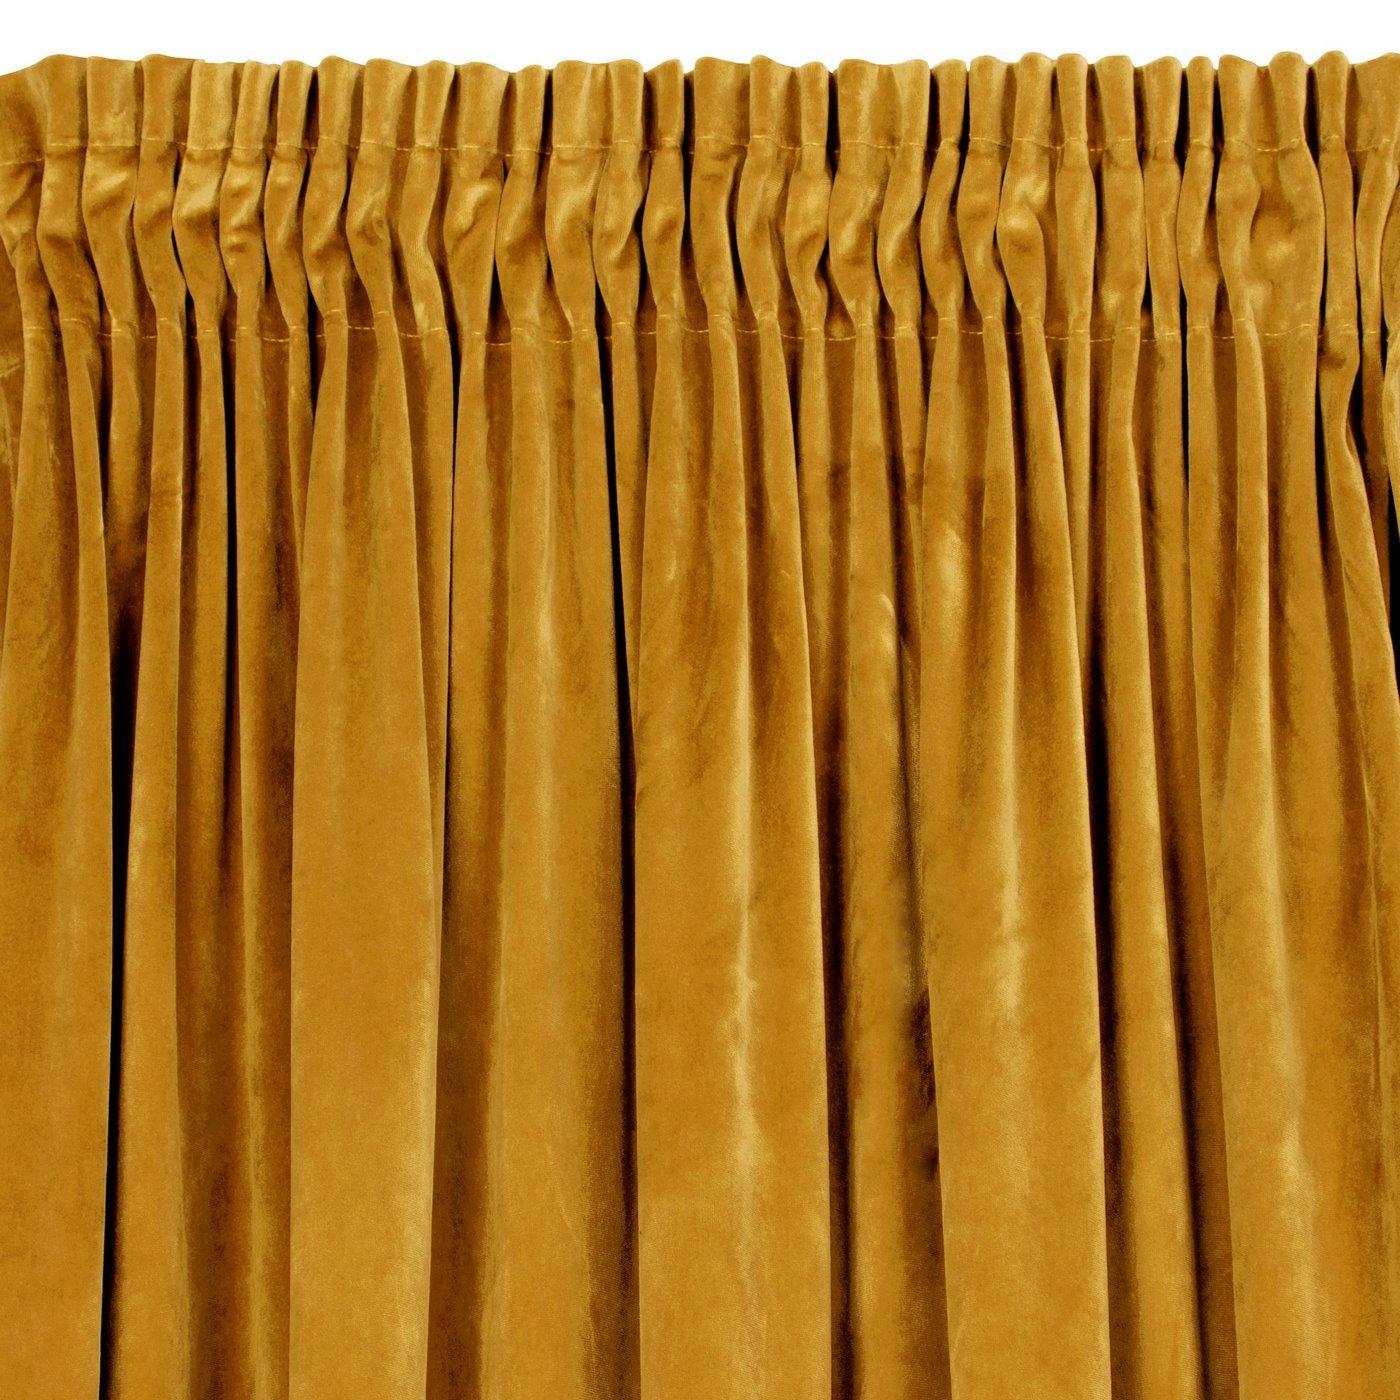 Zasłona welwetowa 140x270 cm na taśmie musztardowa